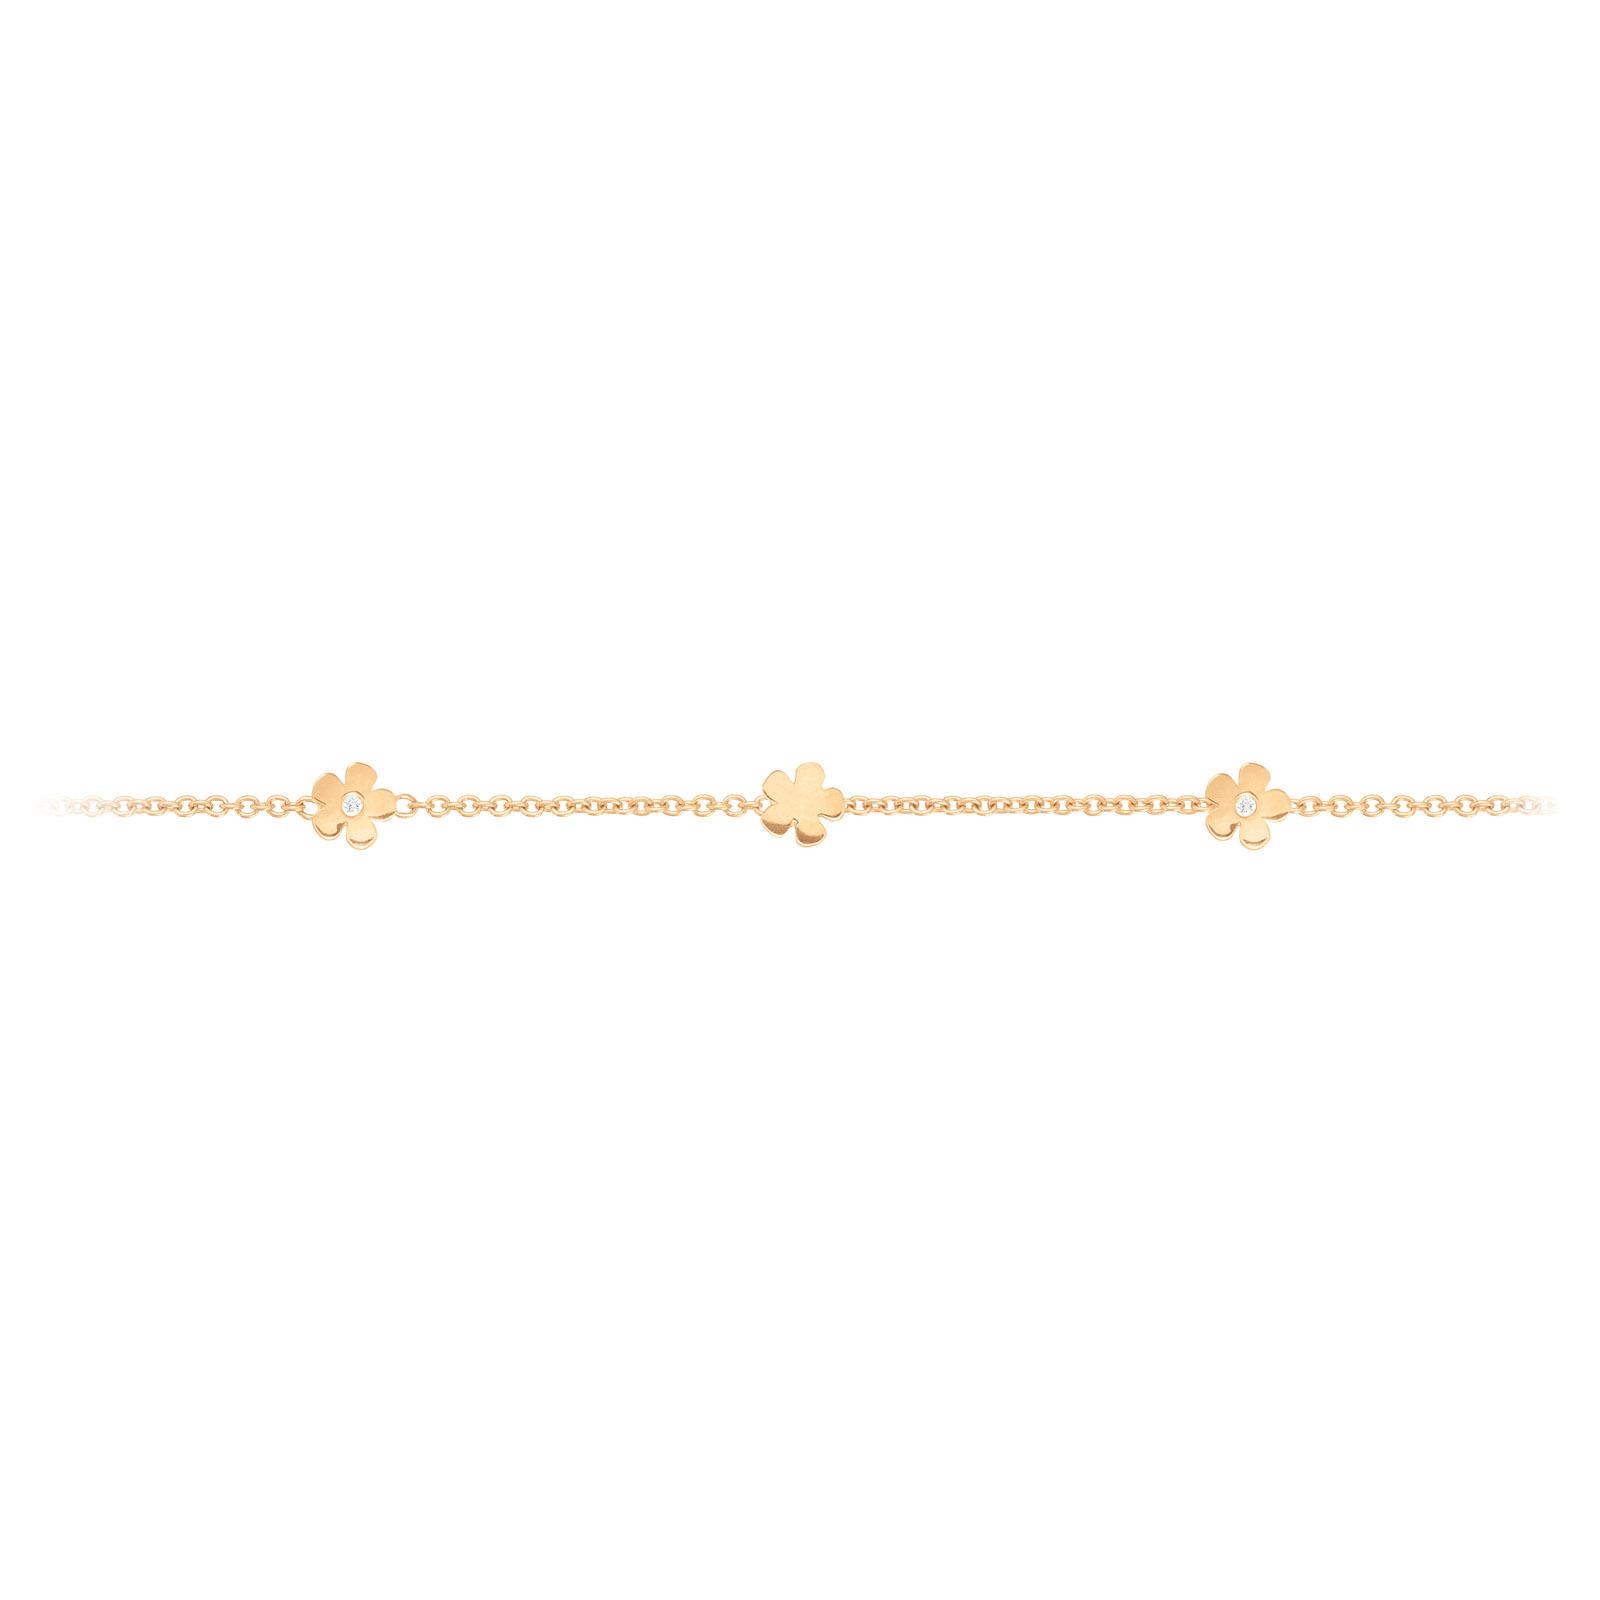 Mestergull Lace armbånd i 18 kt. gult gull med 5 blomster og 2 diamanter totalt 0,02 ct. TwVs 18 cm. Kan kortes inn til 17 og 16 cm LYNGGAARD Lace Armbånd